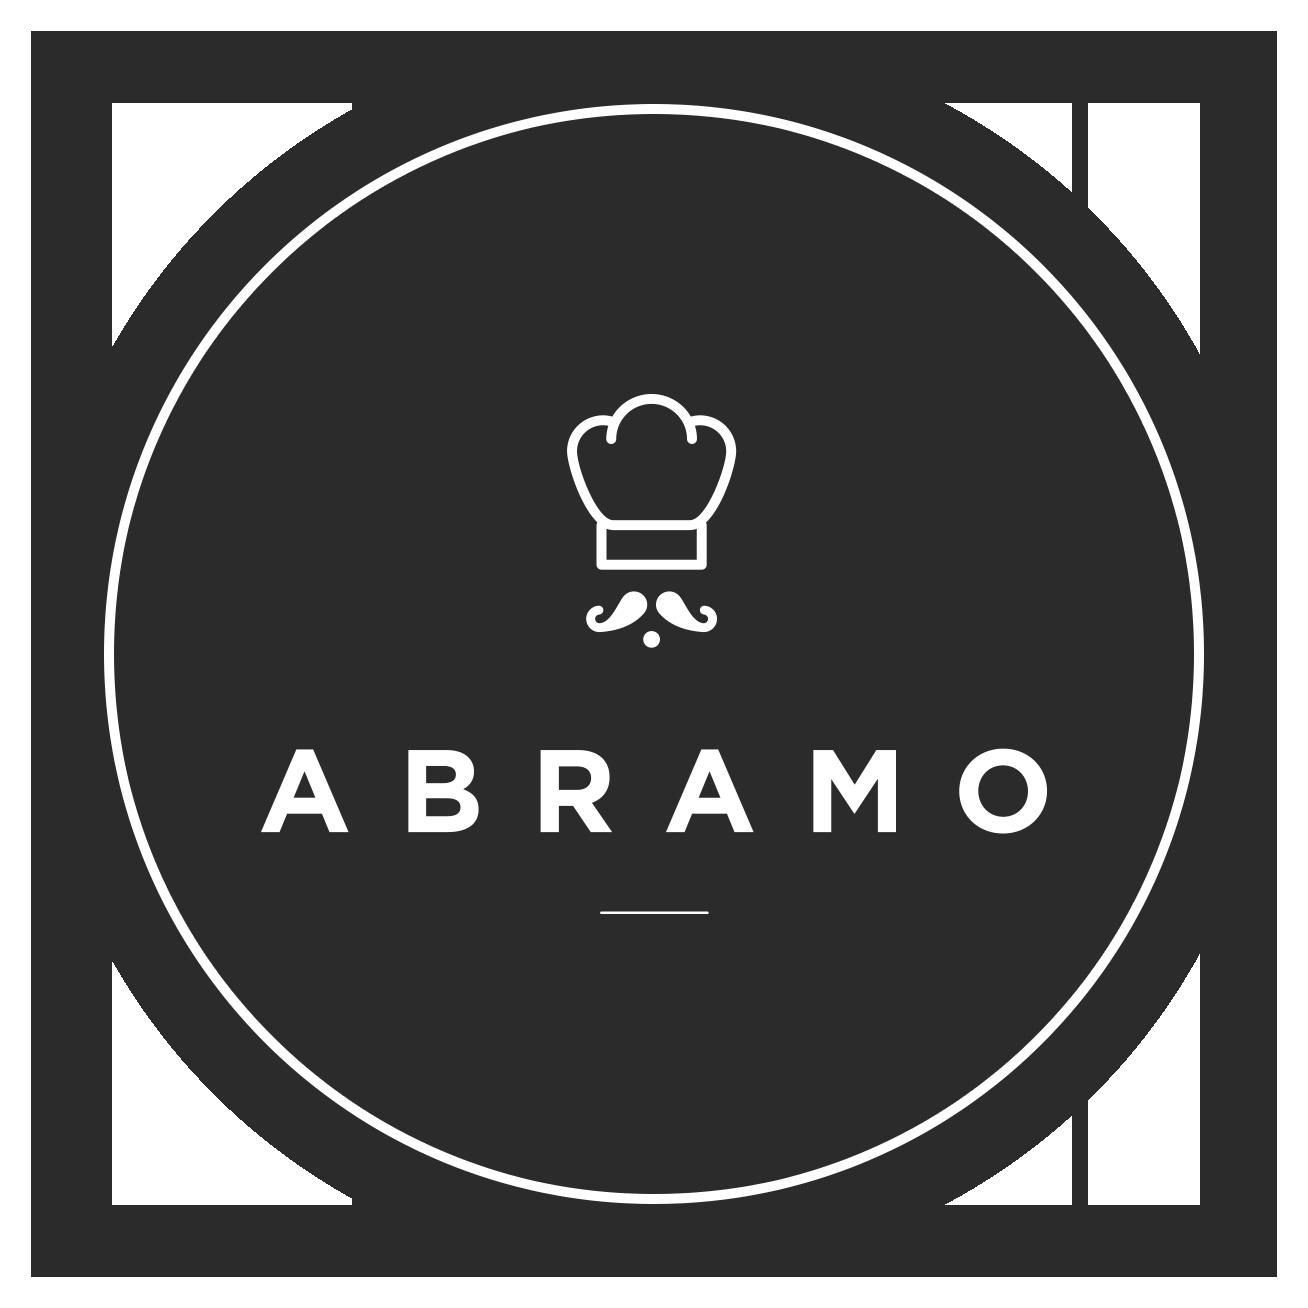 Abramo - Production de produit frais